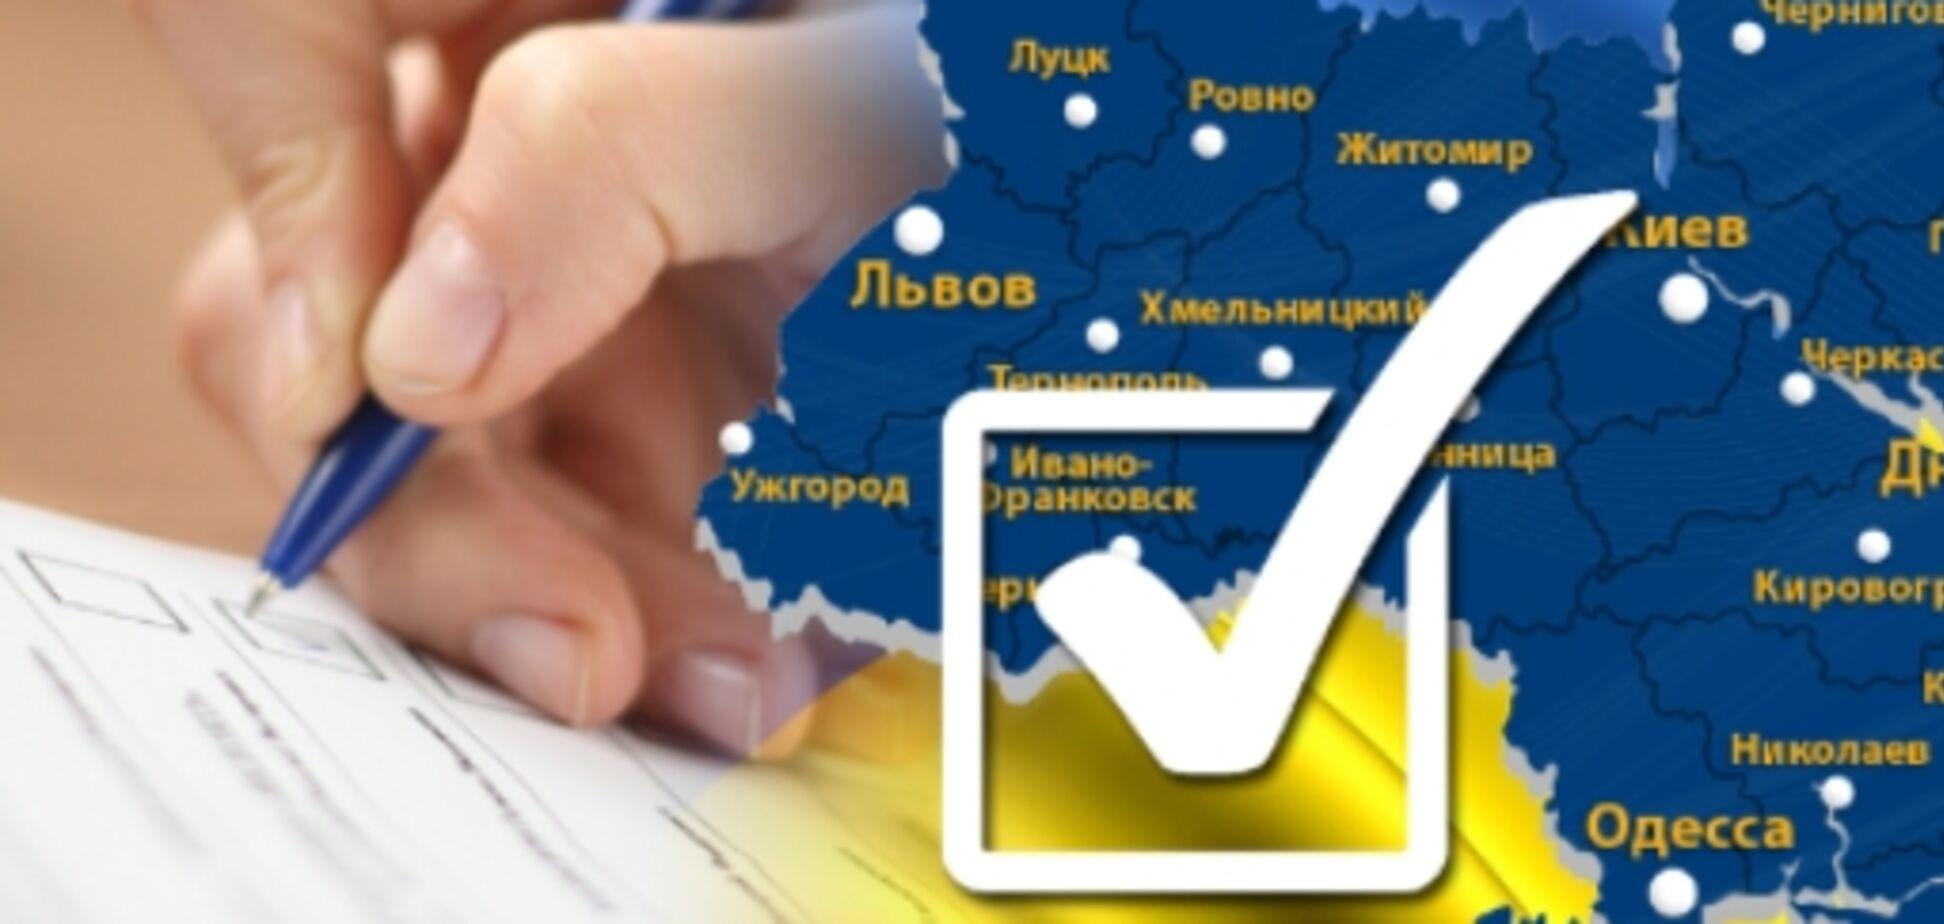 Выборы президента Украины: избиратели назвали фаворита